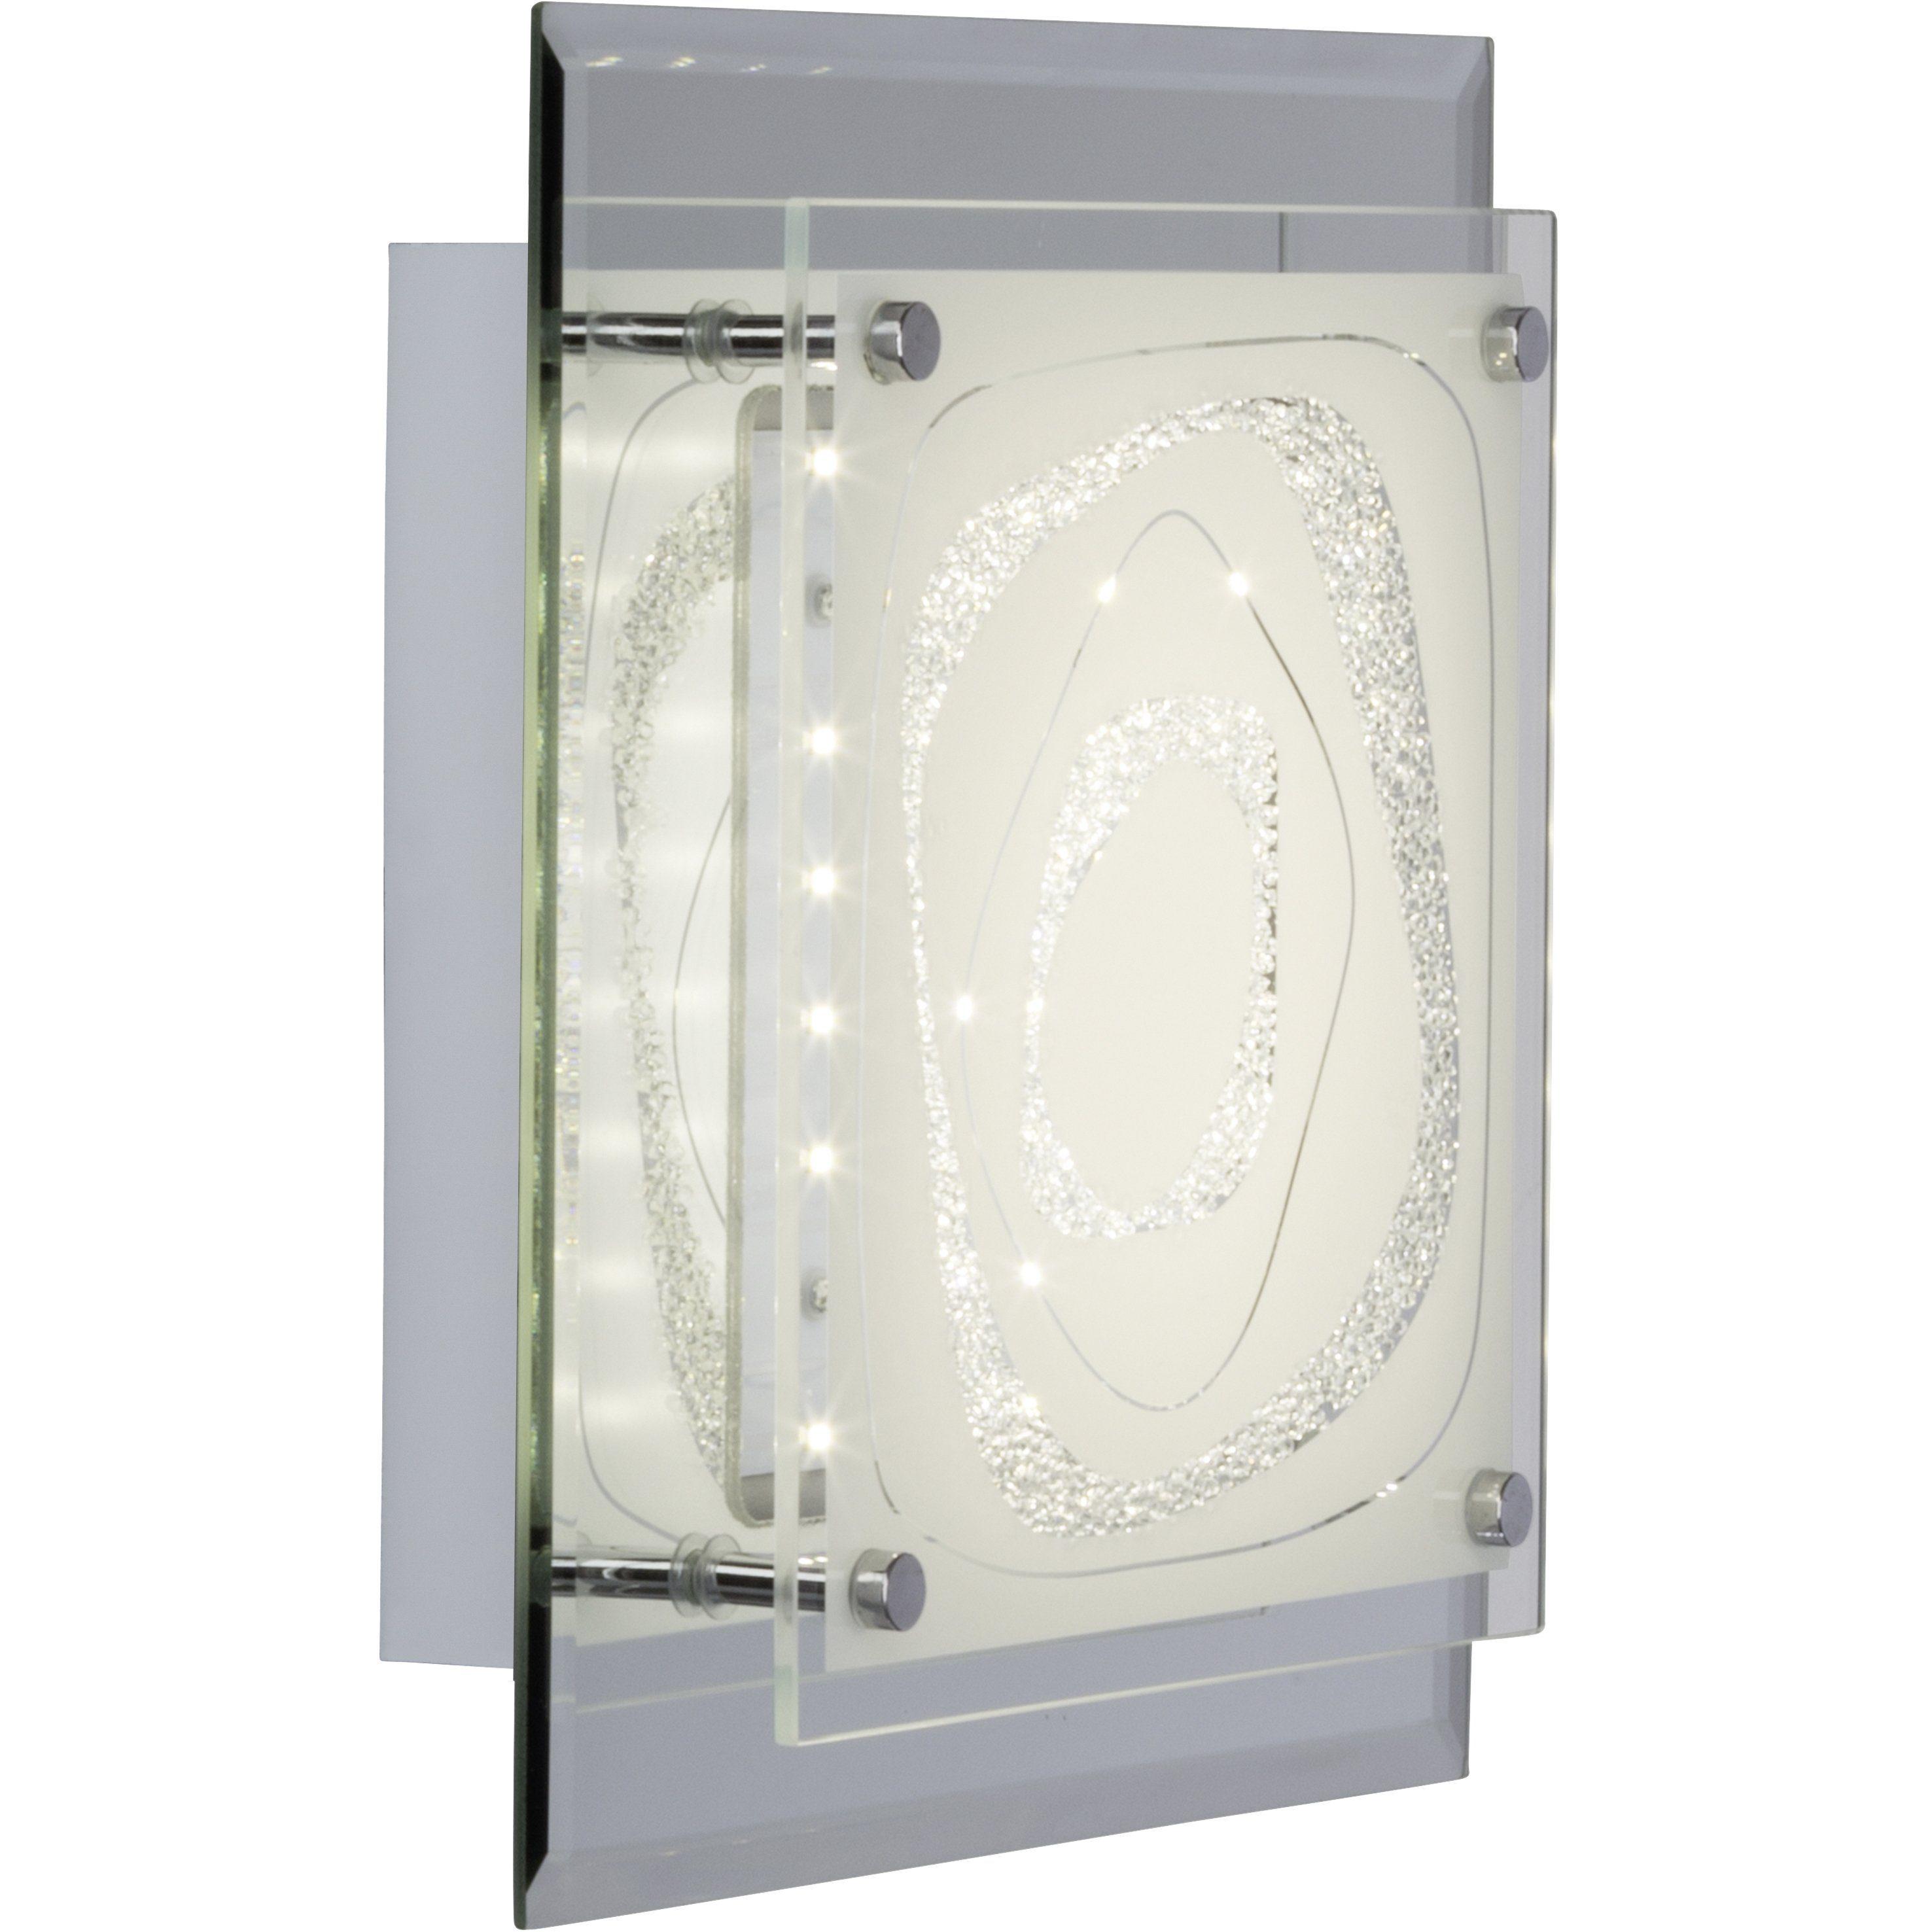 Brilliant Leuchten Fantasie LED Wand- und Deckenleuchte 8W spiegel/chrom